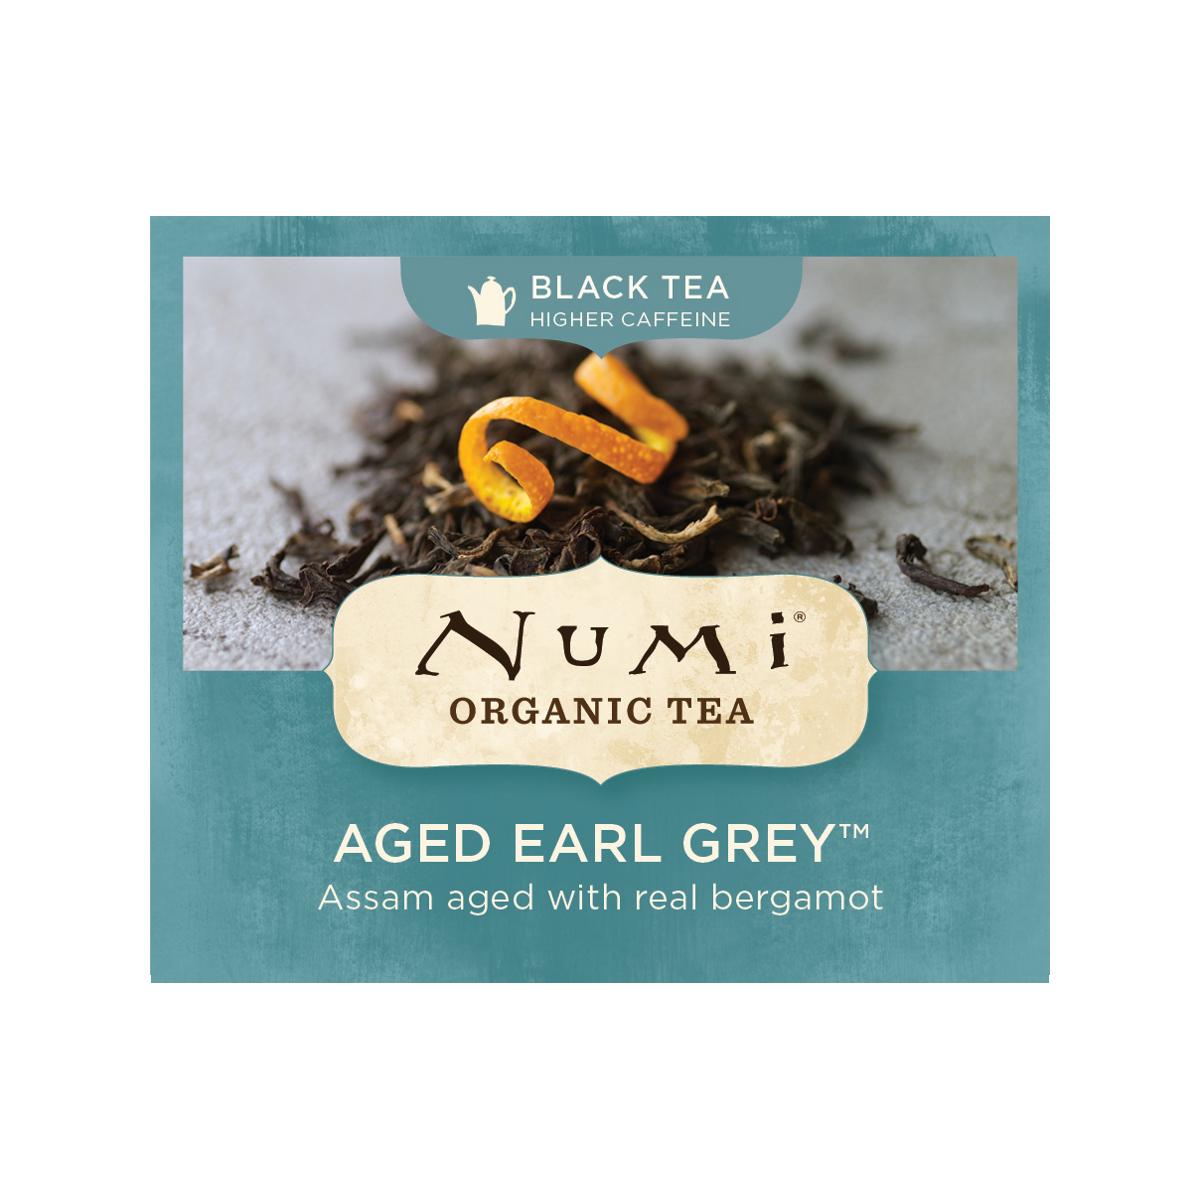 Numi Organic Tea Černý čaj Aged Earl Grey  2 g, 1 ks